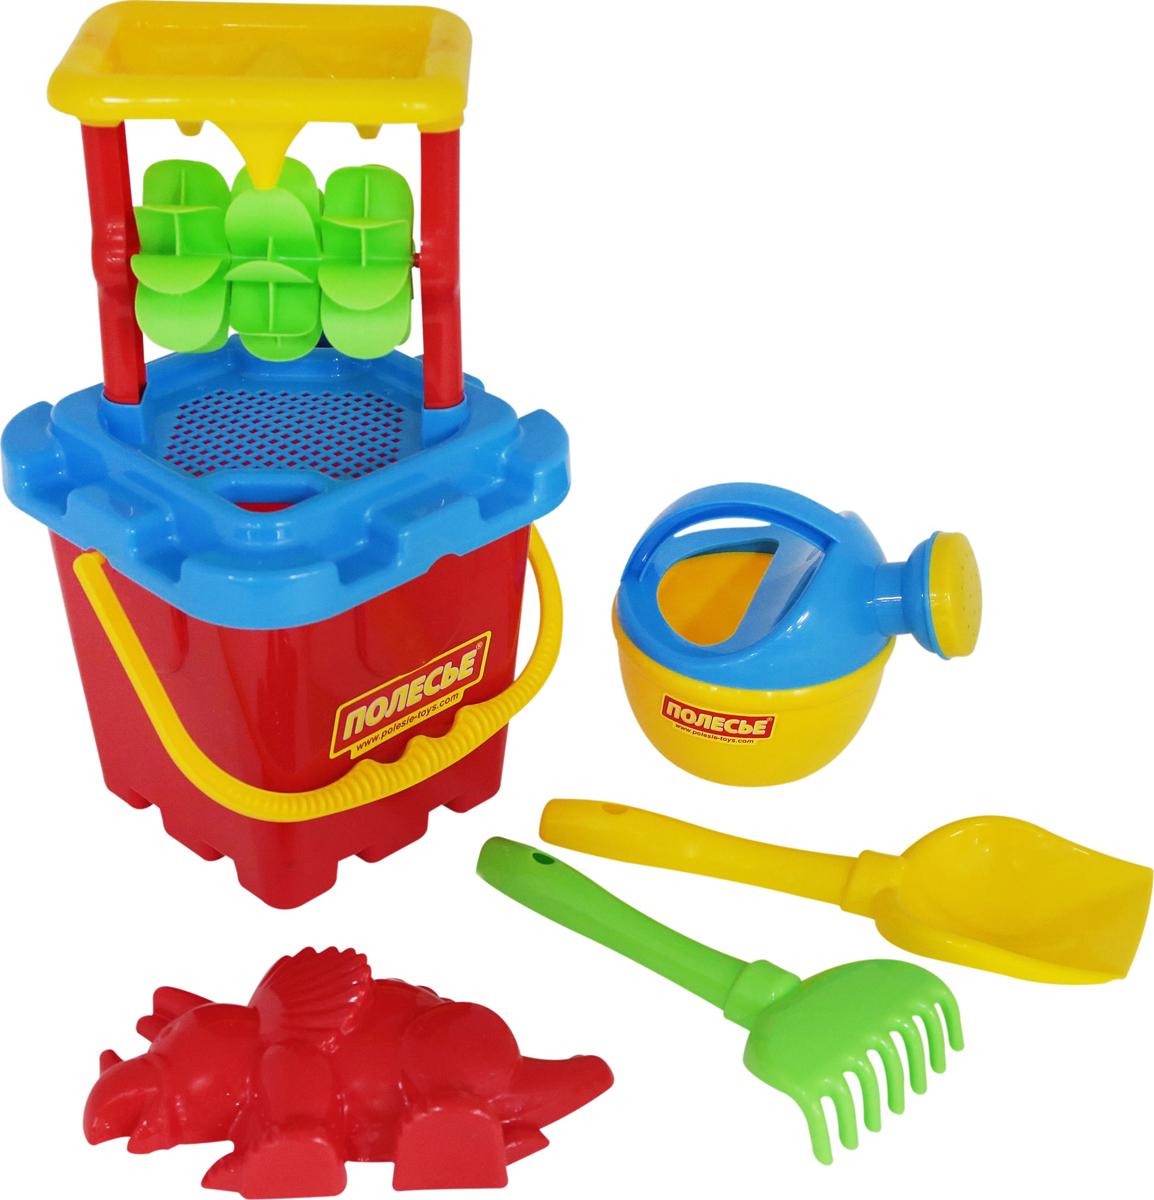 Полесье Набор игрушек для песочницы №285 полесье набор игрушек для песочницы 73